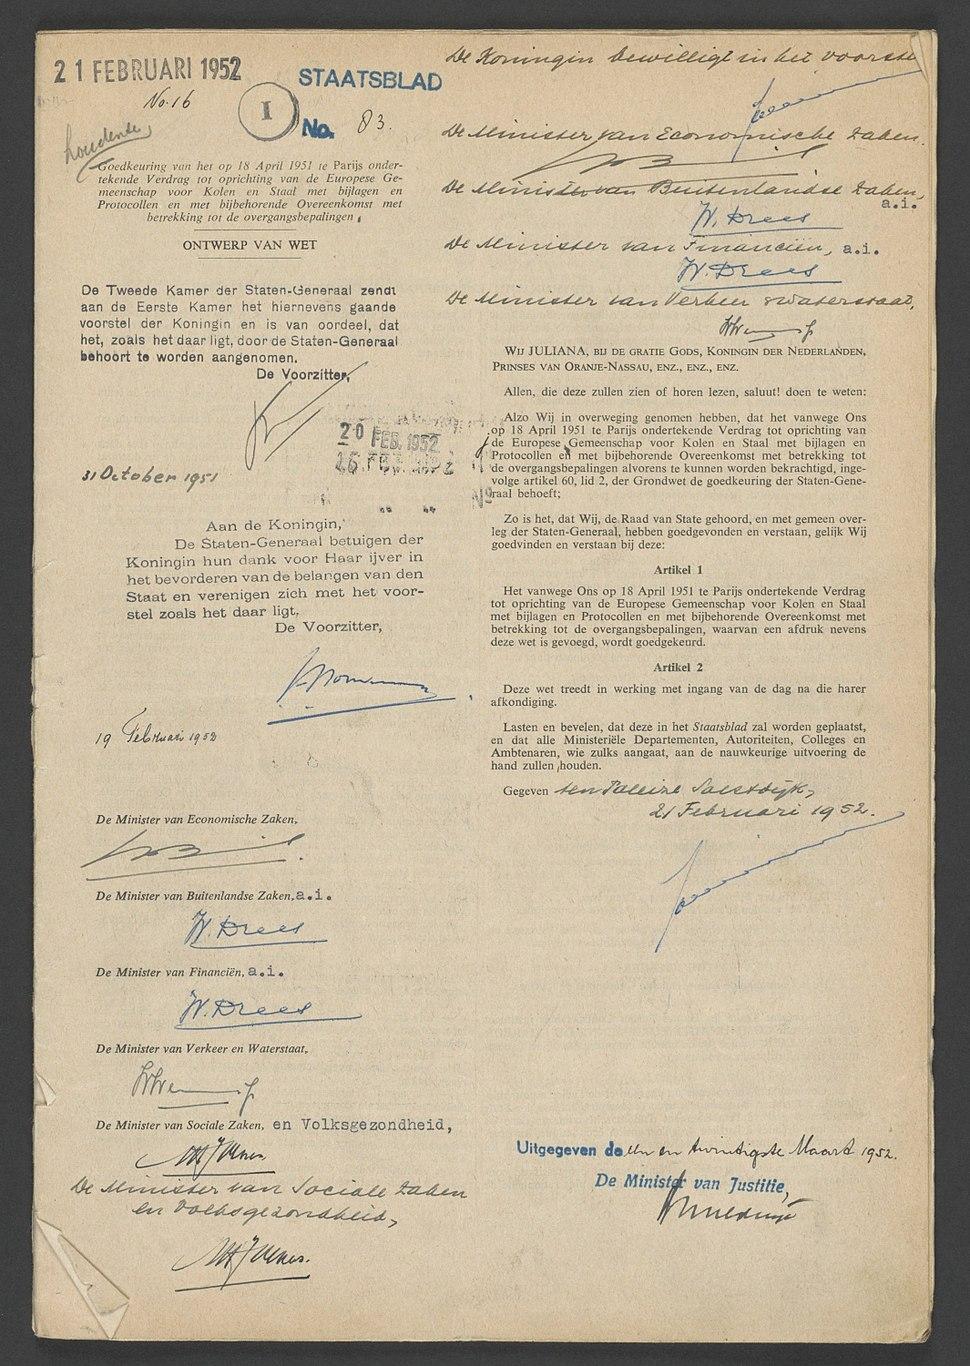 Oprichtingsverdrag EGKS NL-HaNA 2.02.20 10123